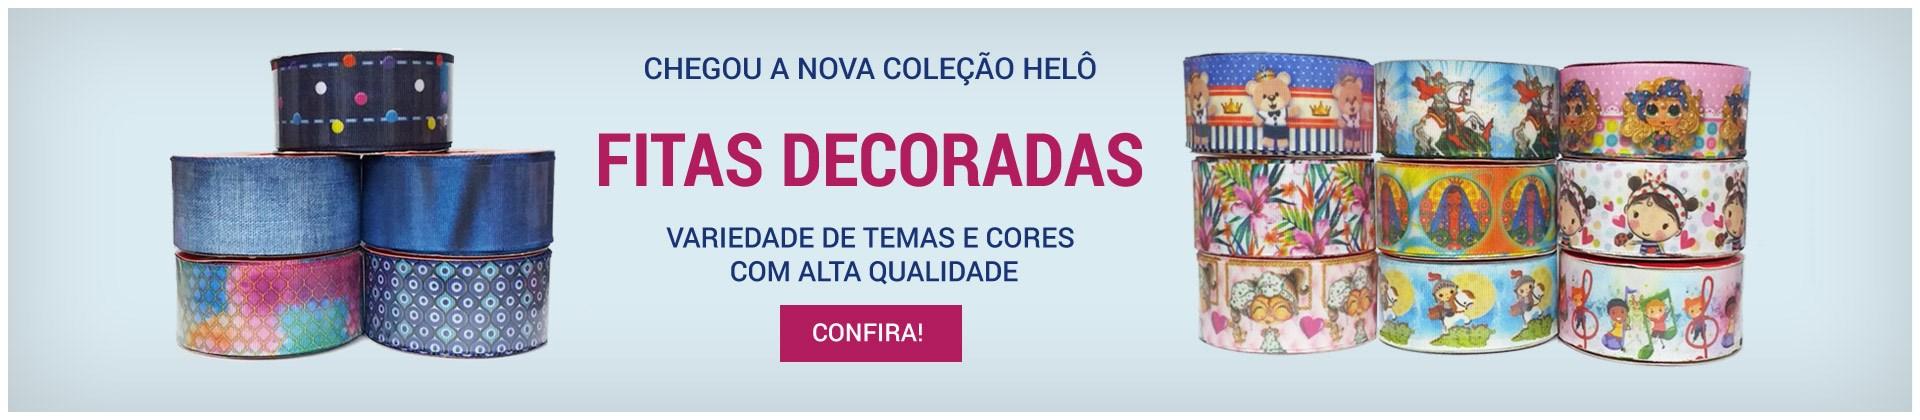 decoradas Helo novidade!!